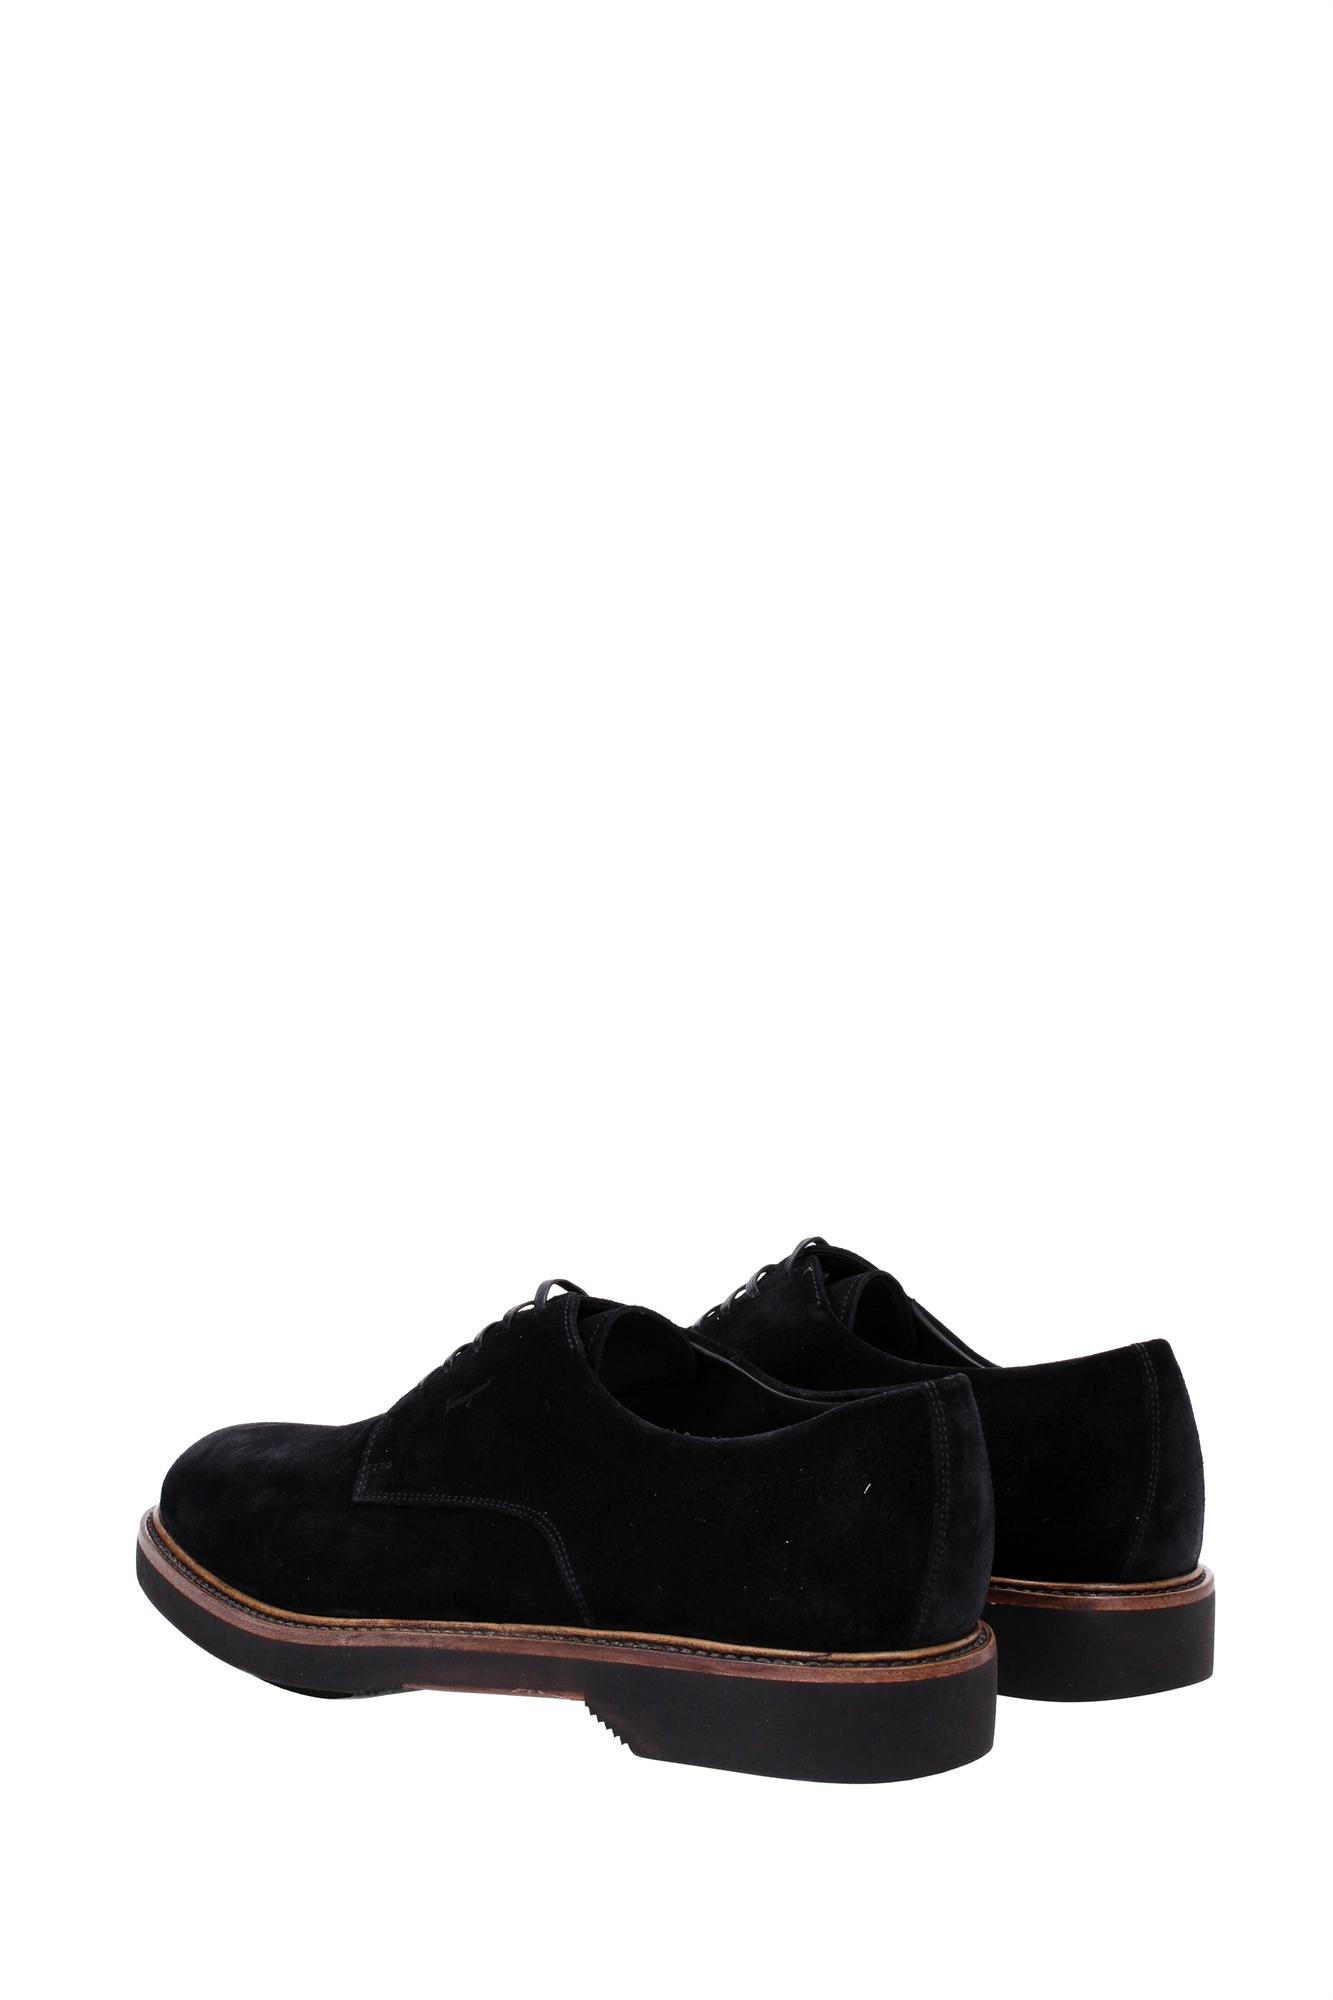 lace up shoes salvatore ferragamo suede black